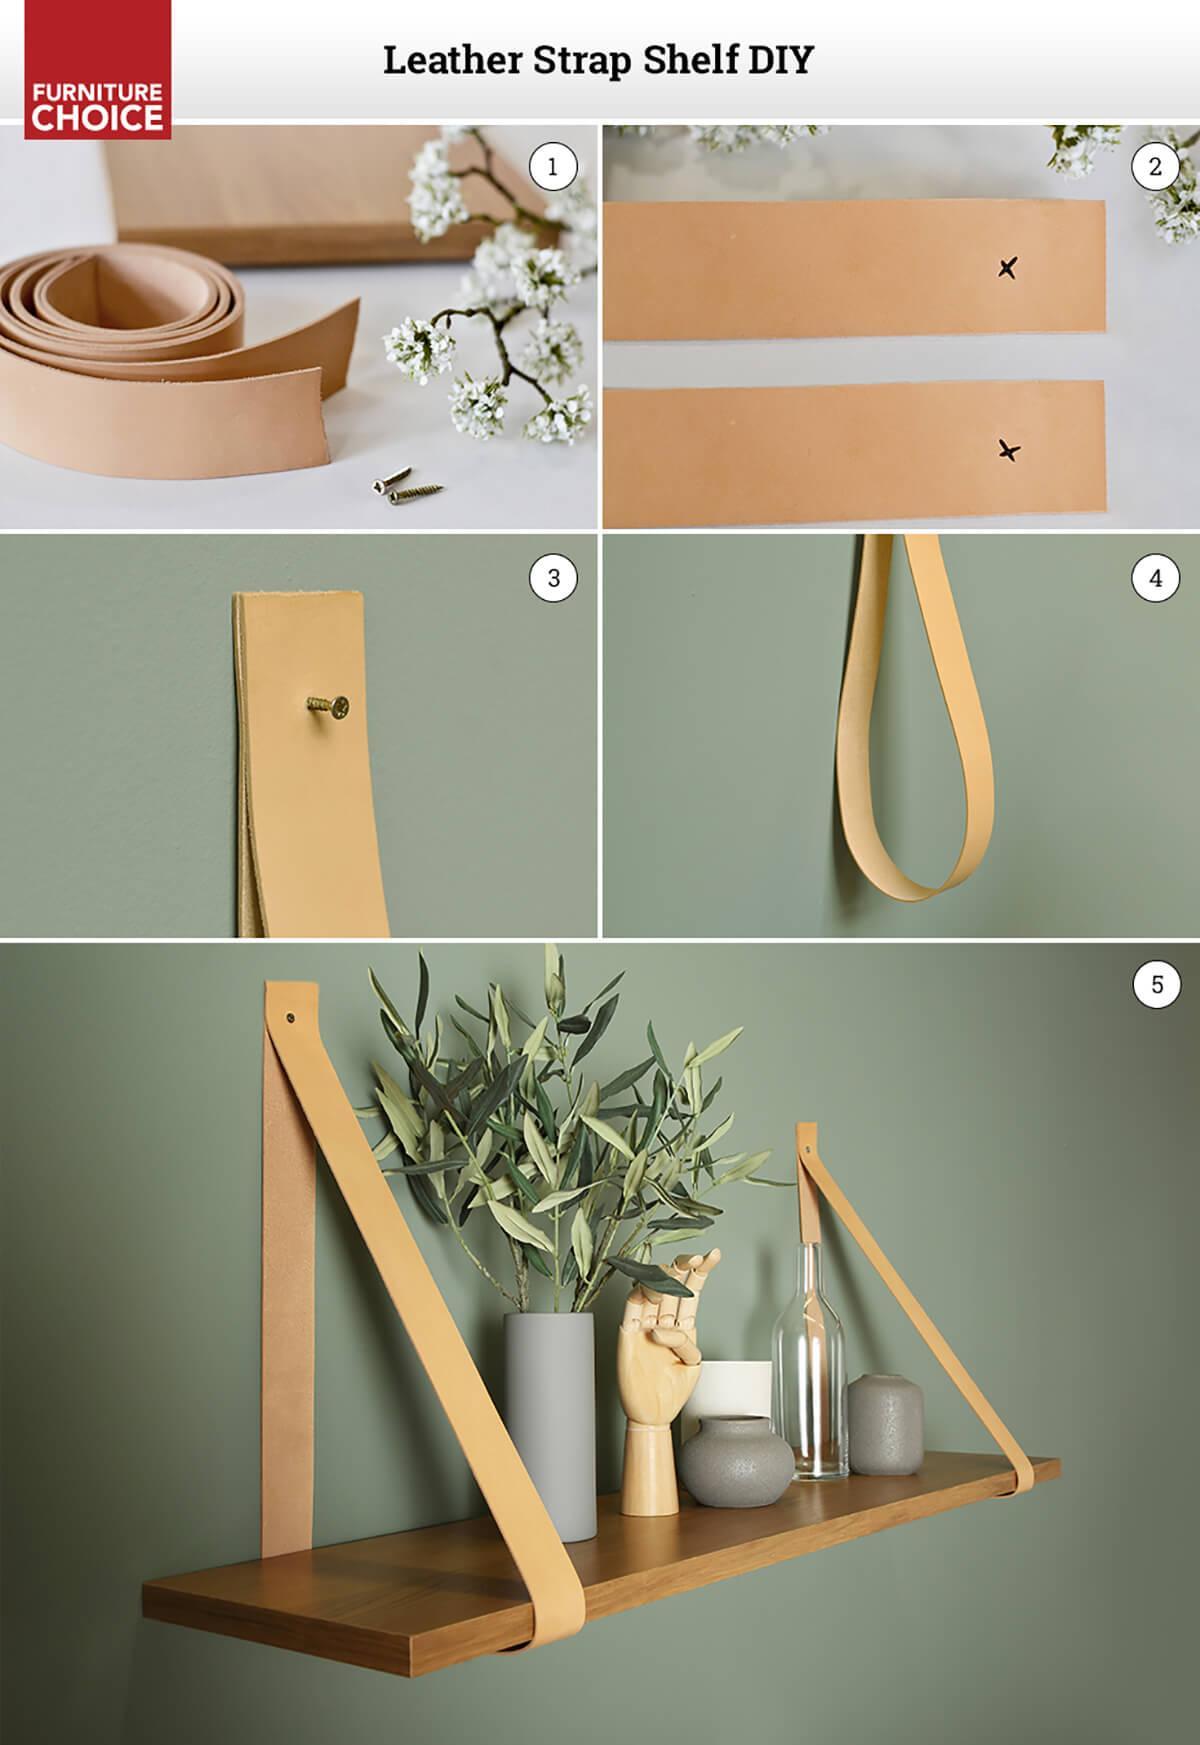 diy leather strap shelf